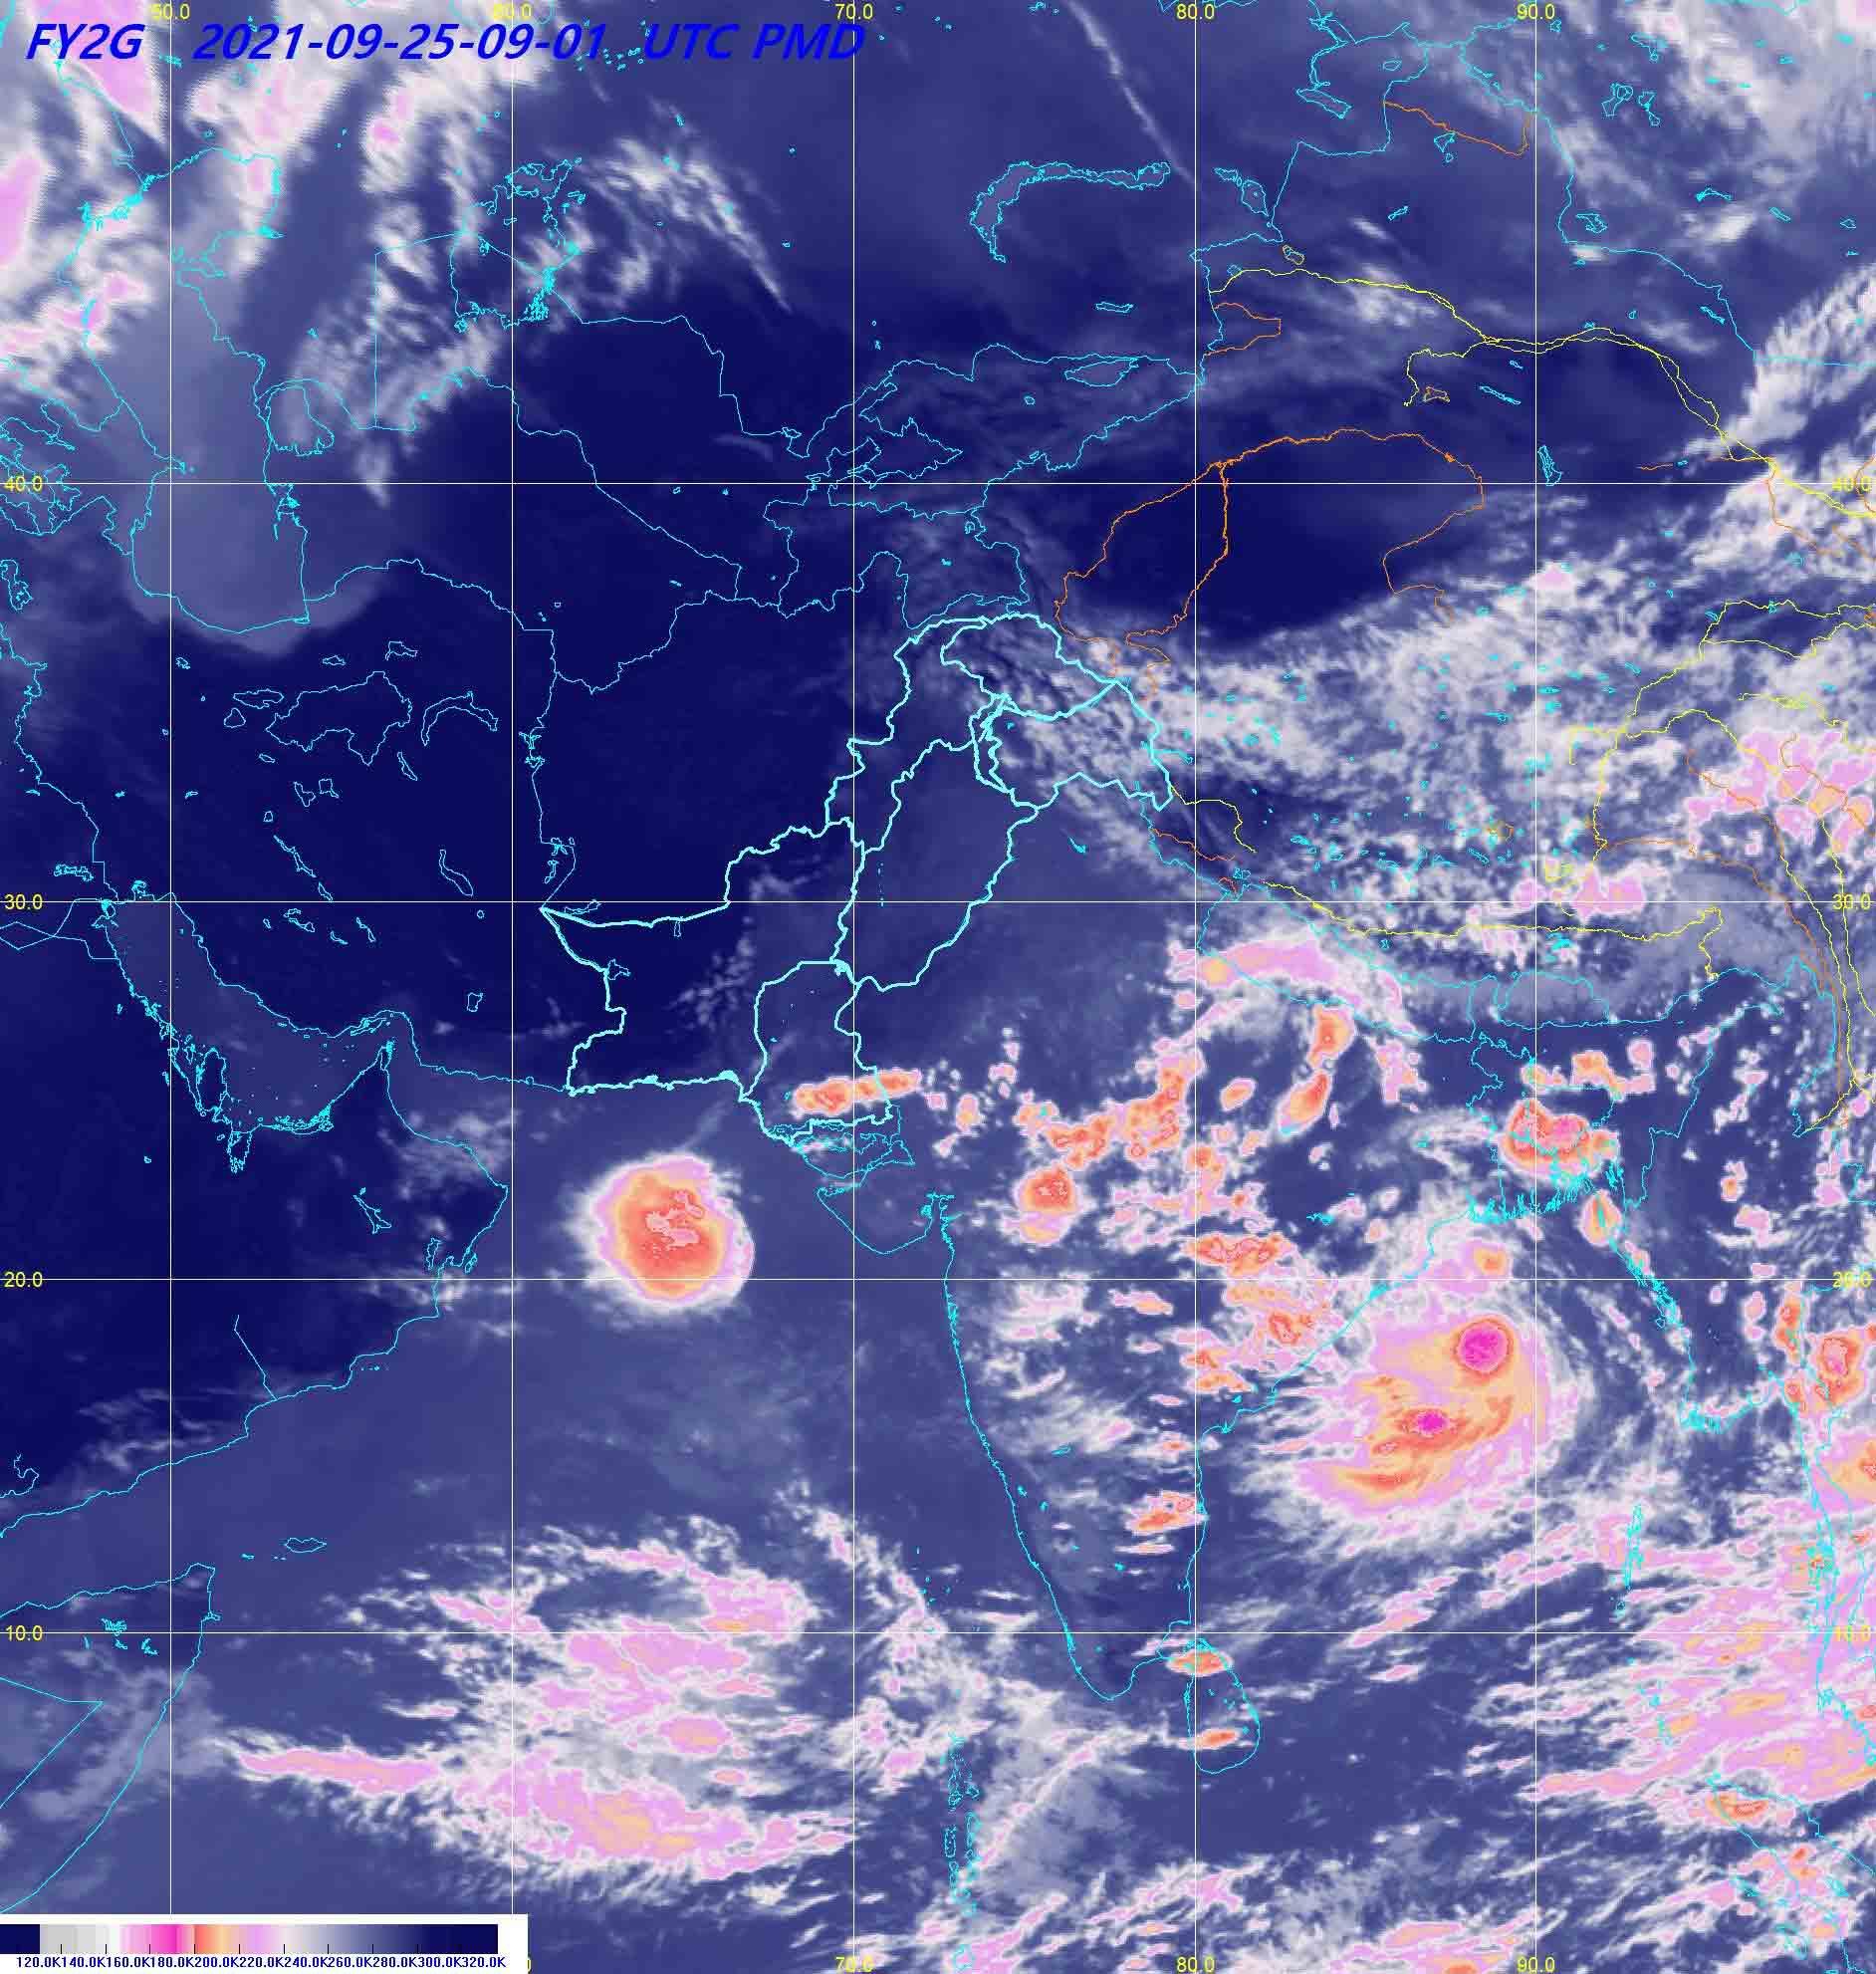 Satellite image. -PMD